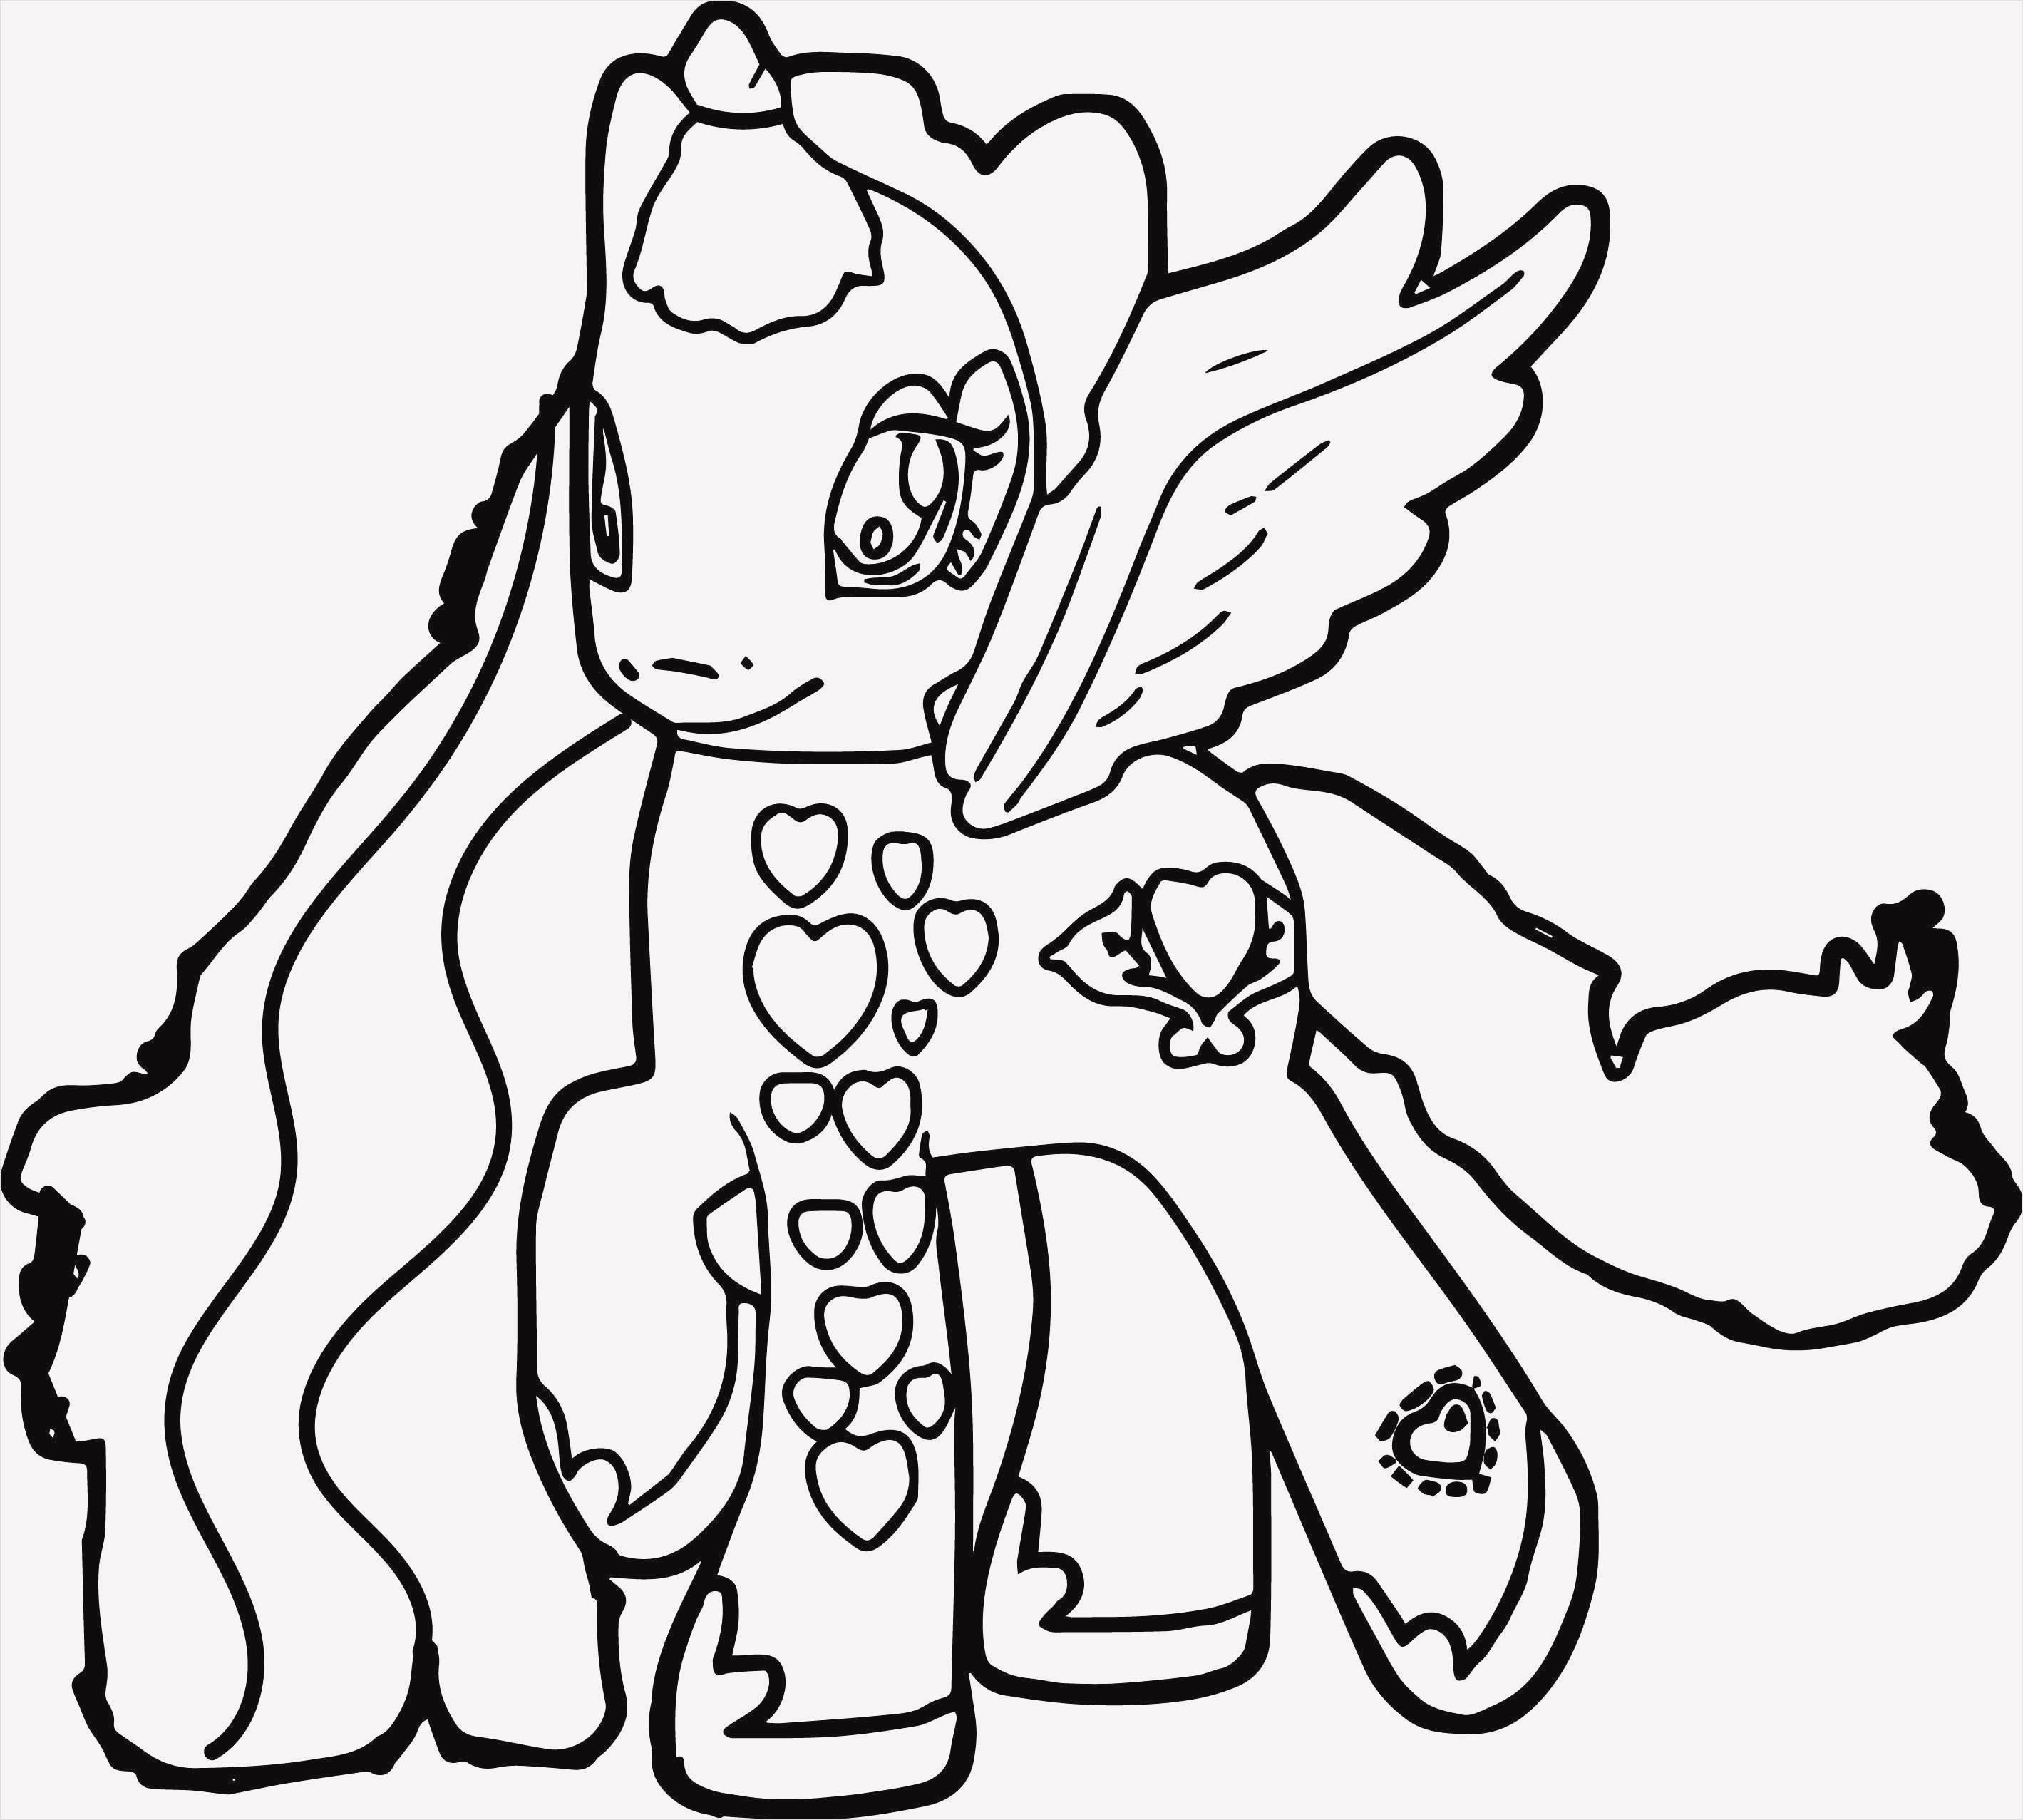 My Little Pony Friendship is Magic Ausmalbilder Neu 25 Druckbar Ausmalbilder Prinzessin Lillifee Kleine Einhorn Fotografieren